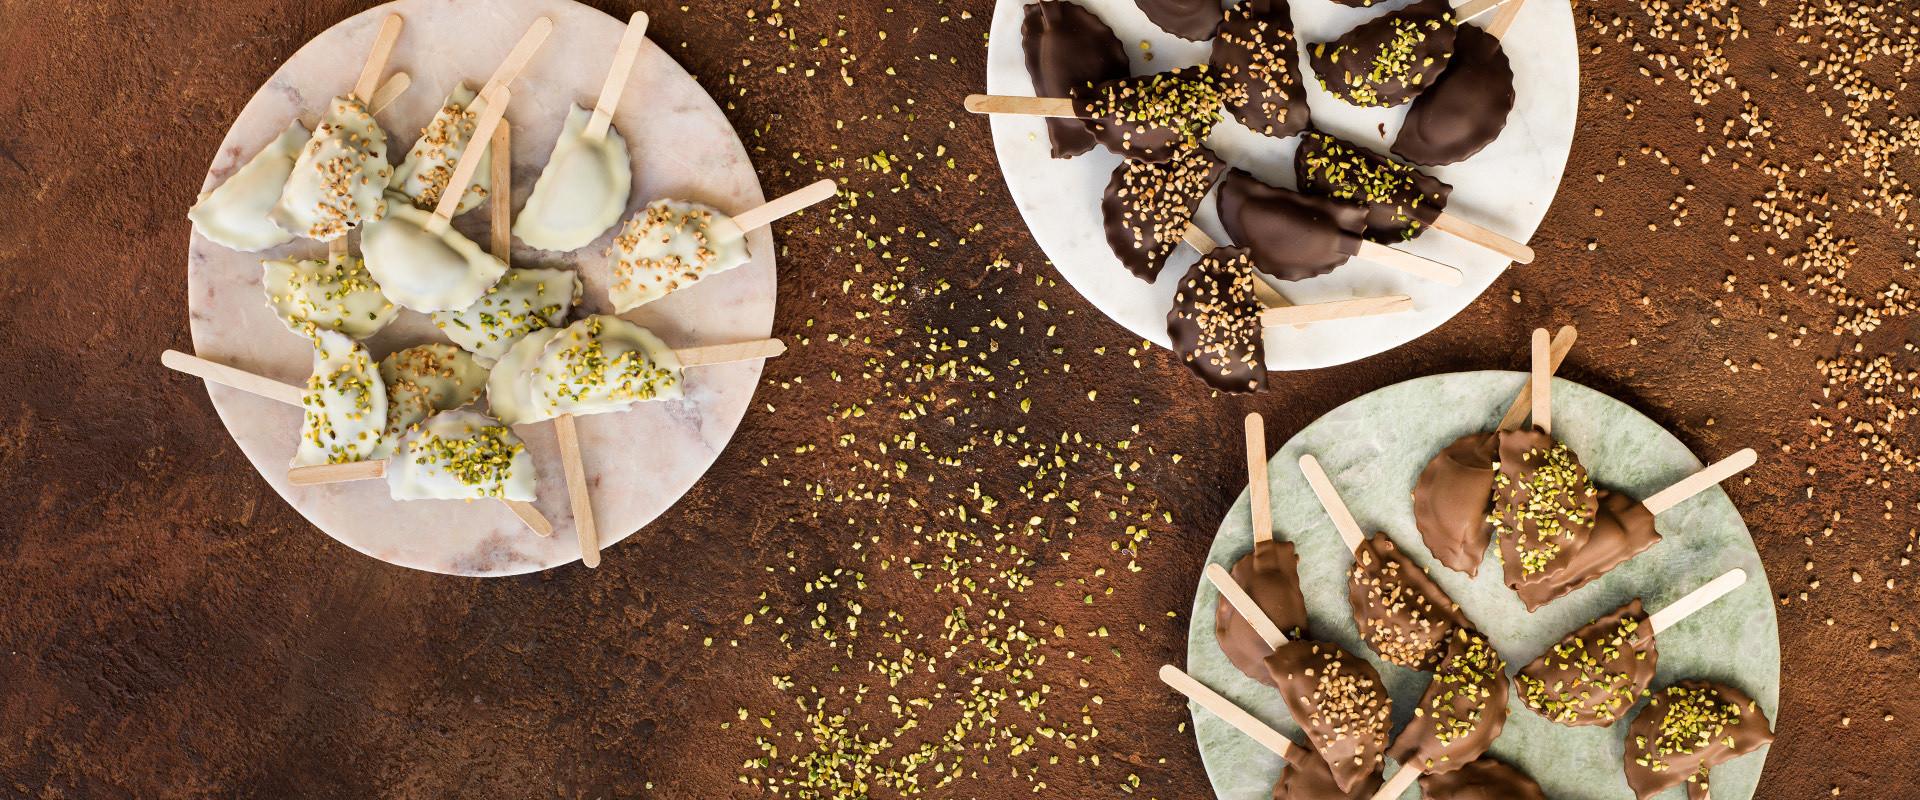 IT-ricette-ravioli-cioccolato-stecco-D.jpg